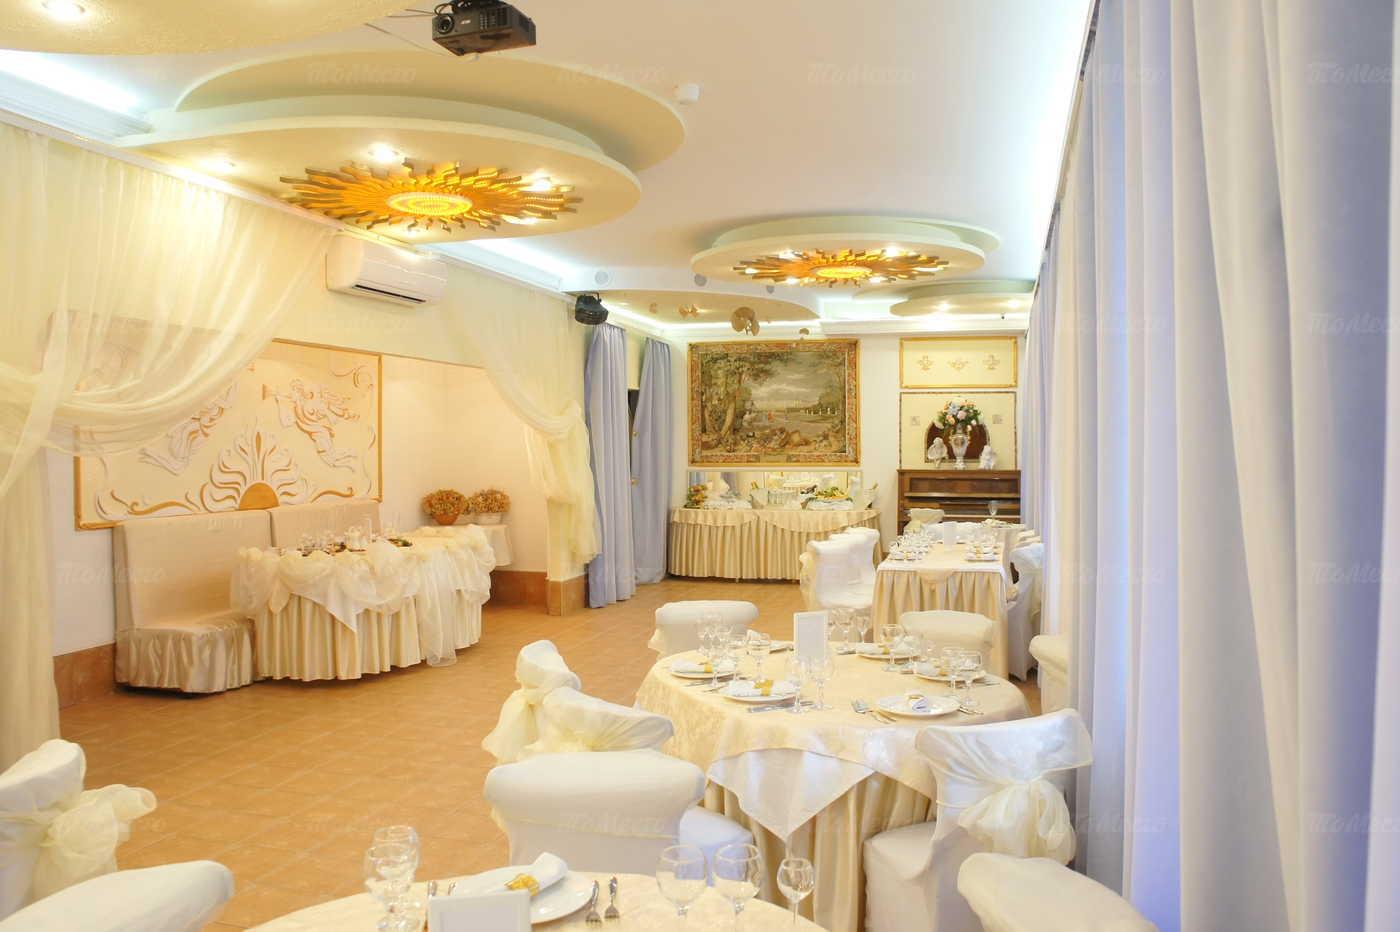 Меню ресторана Русское солнце на 5-й Советской улице